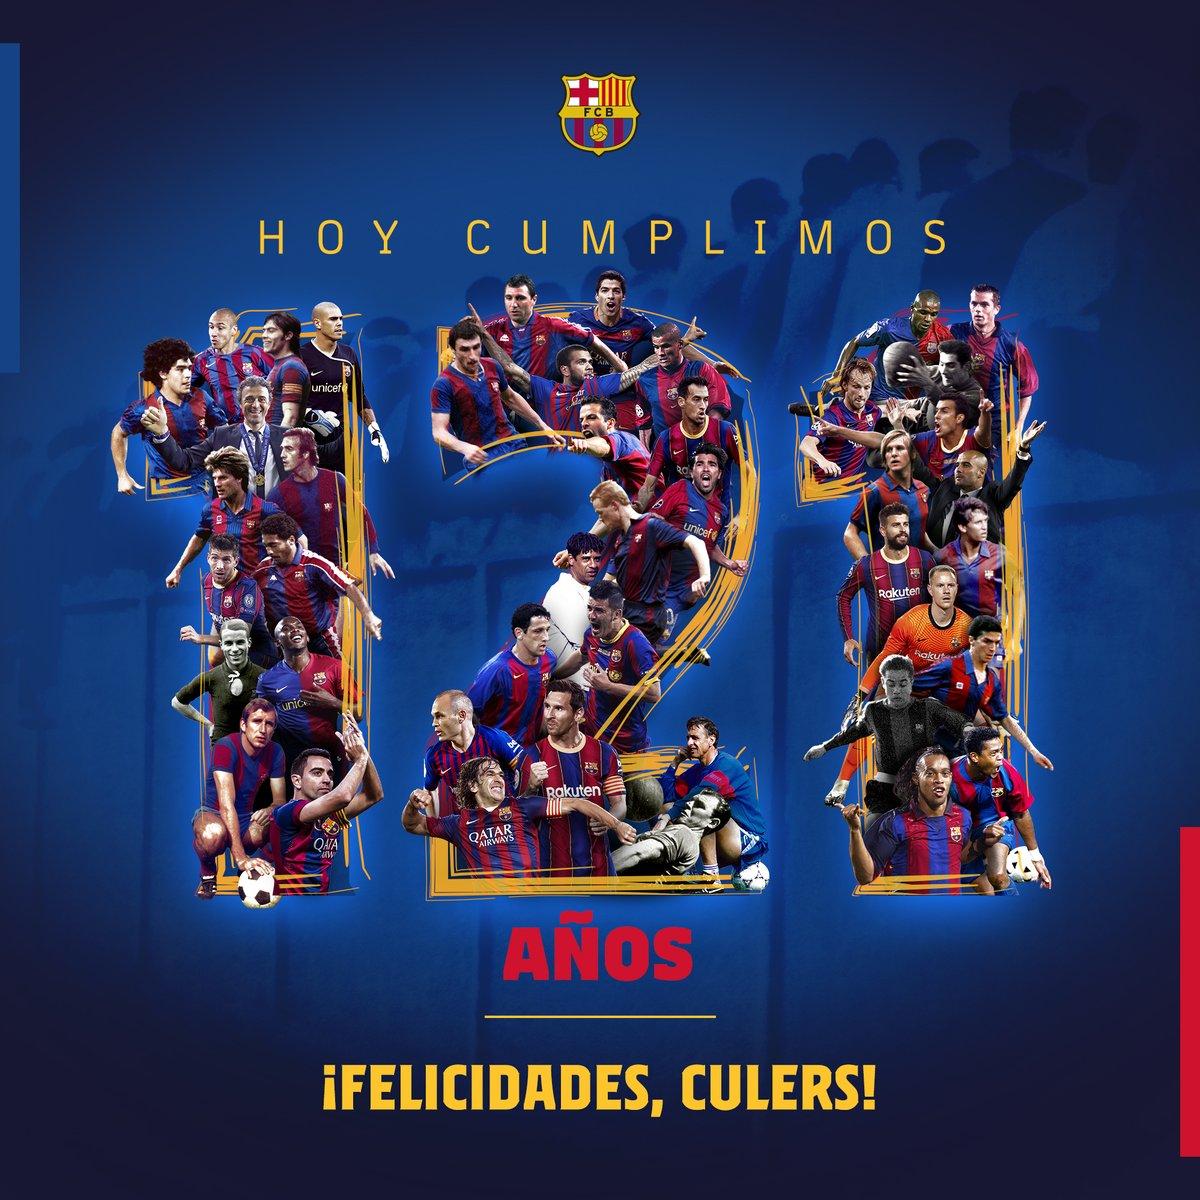 Replying to @FCBarcelona_es: 🎂 1️⃣2️⃣1️⃣ años de historia, 1️⃣2️⃣1️⃣ años siendo #Culers 💙❤️